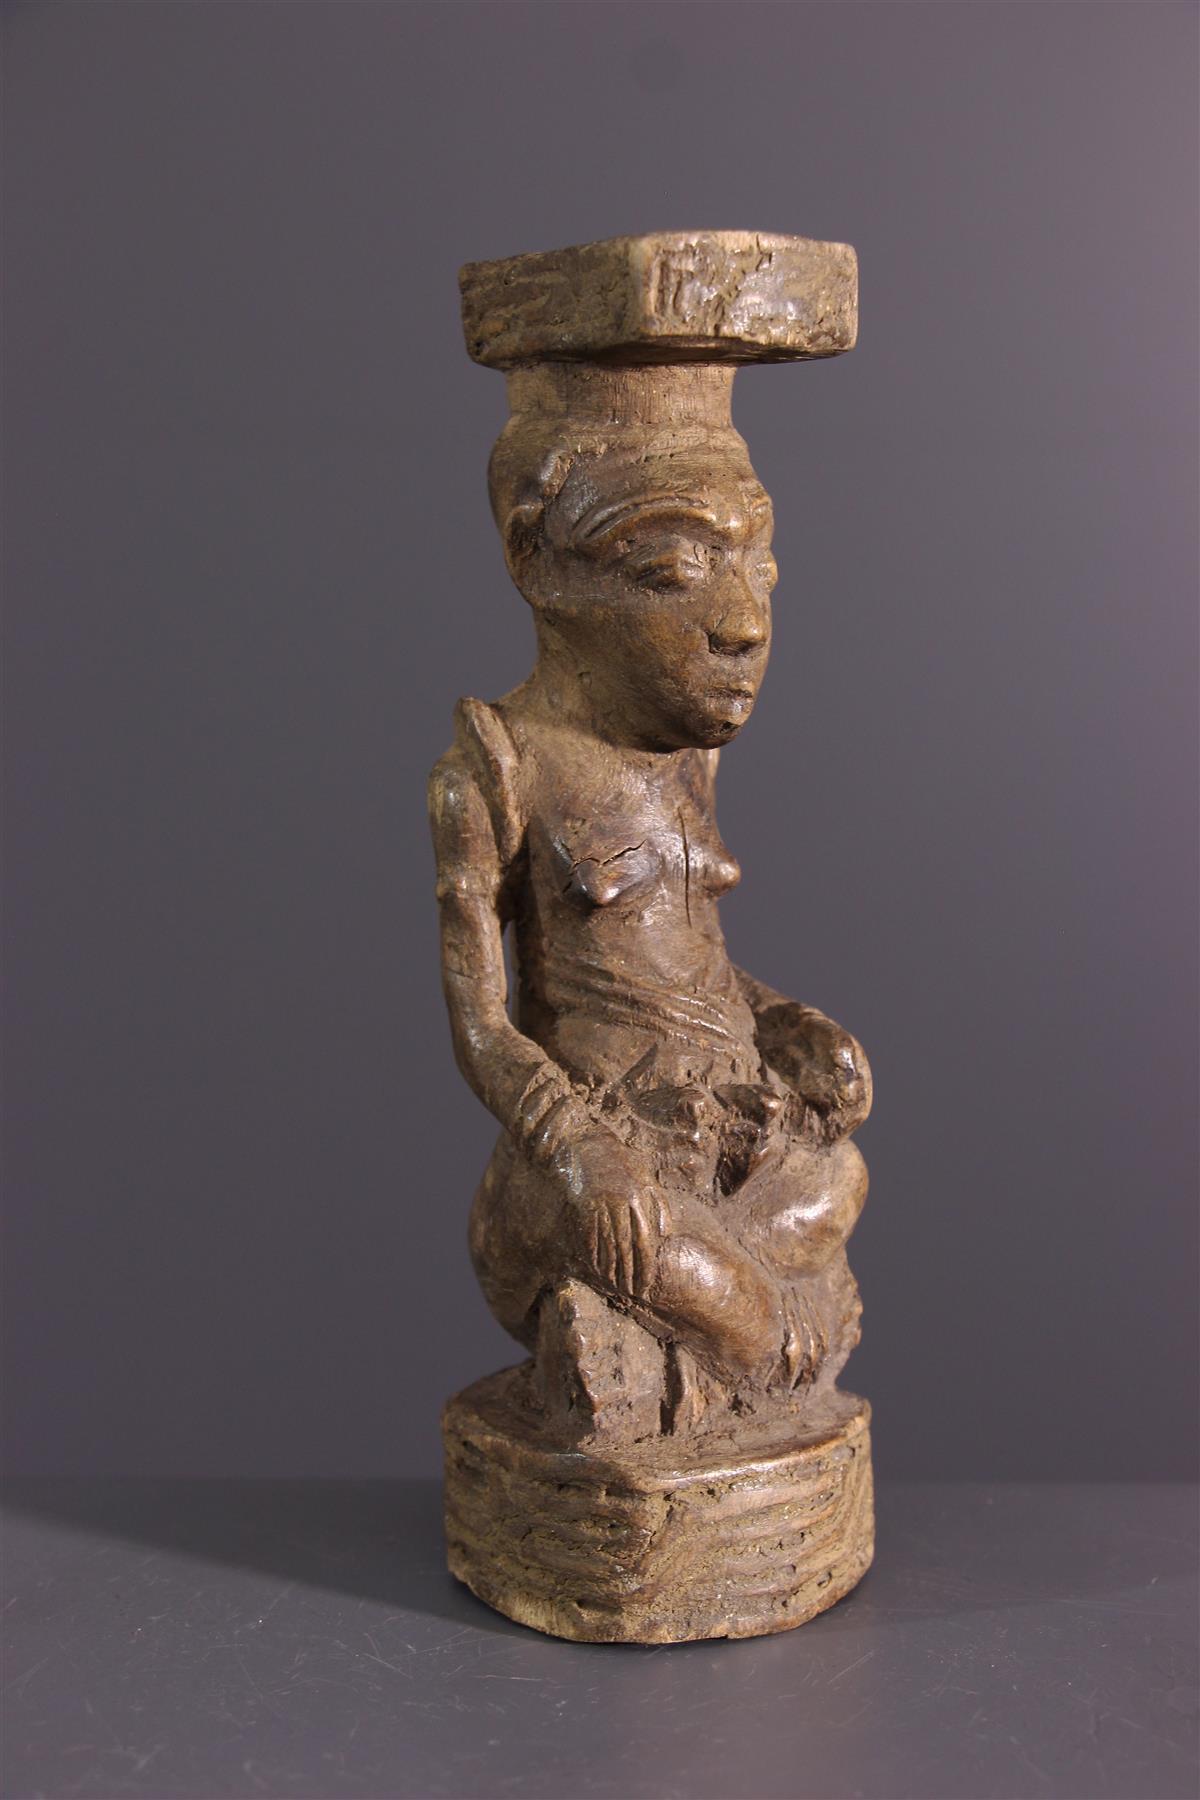 Kuba figure - African art